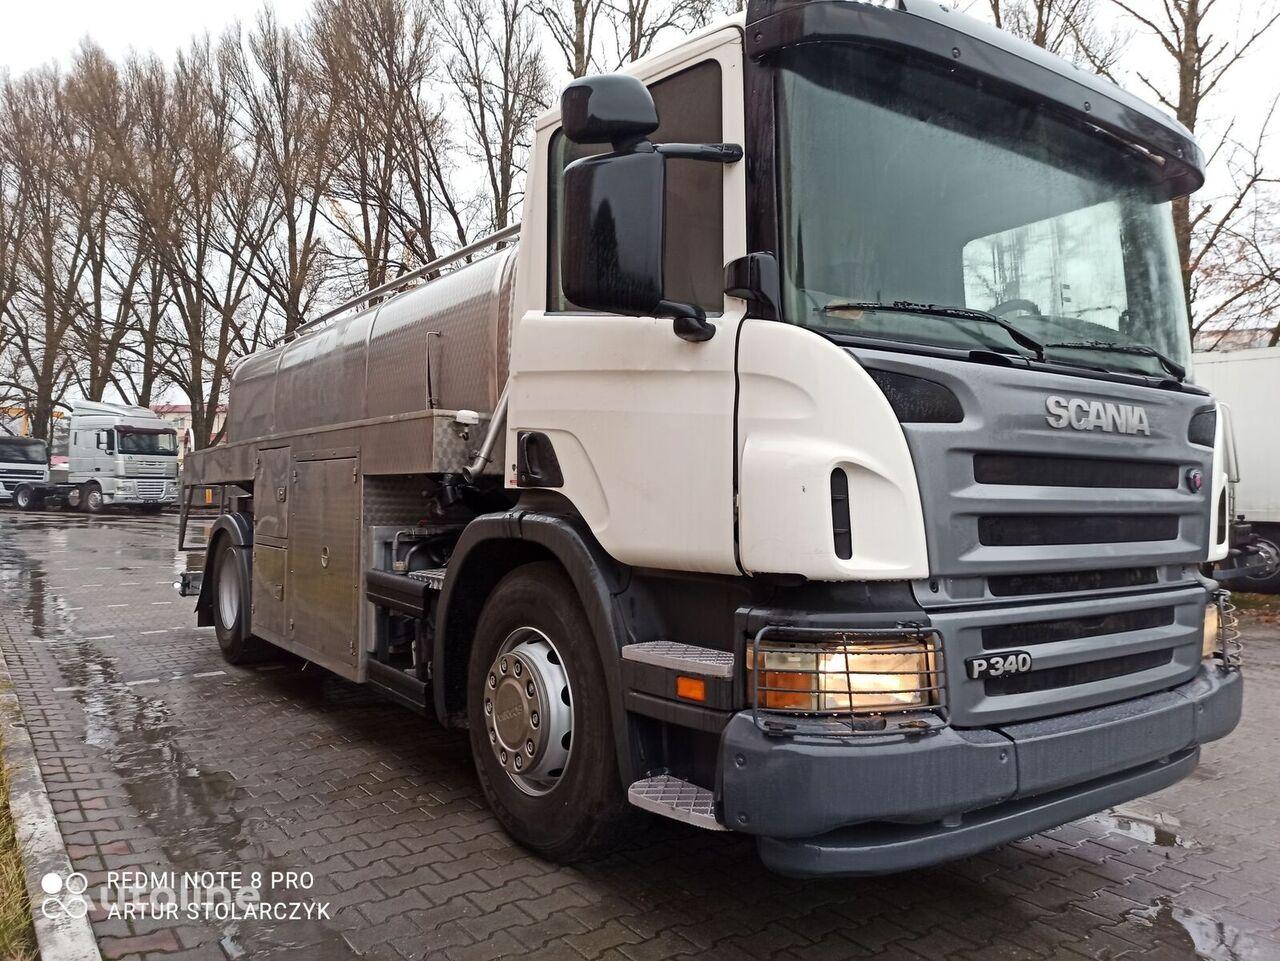 SCANIA P340 camión para transporte de leche